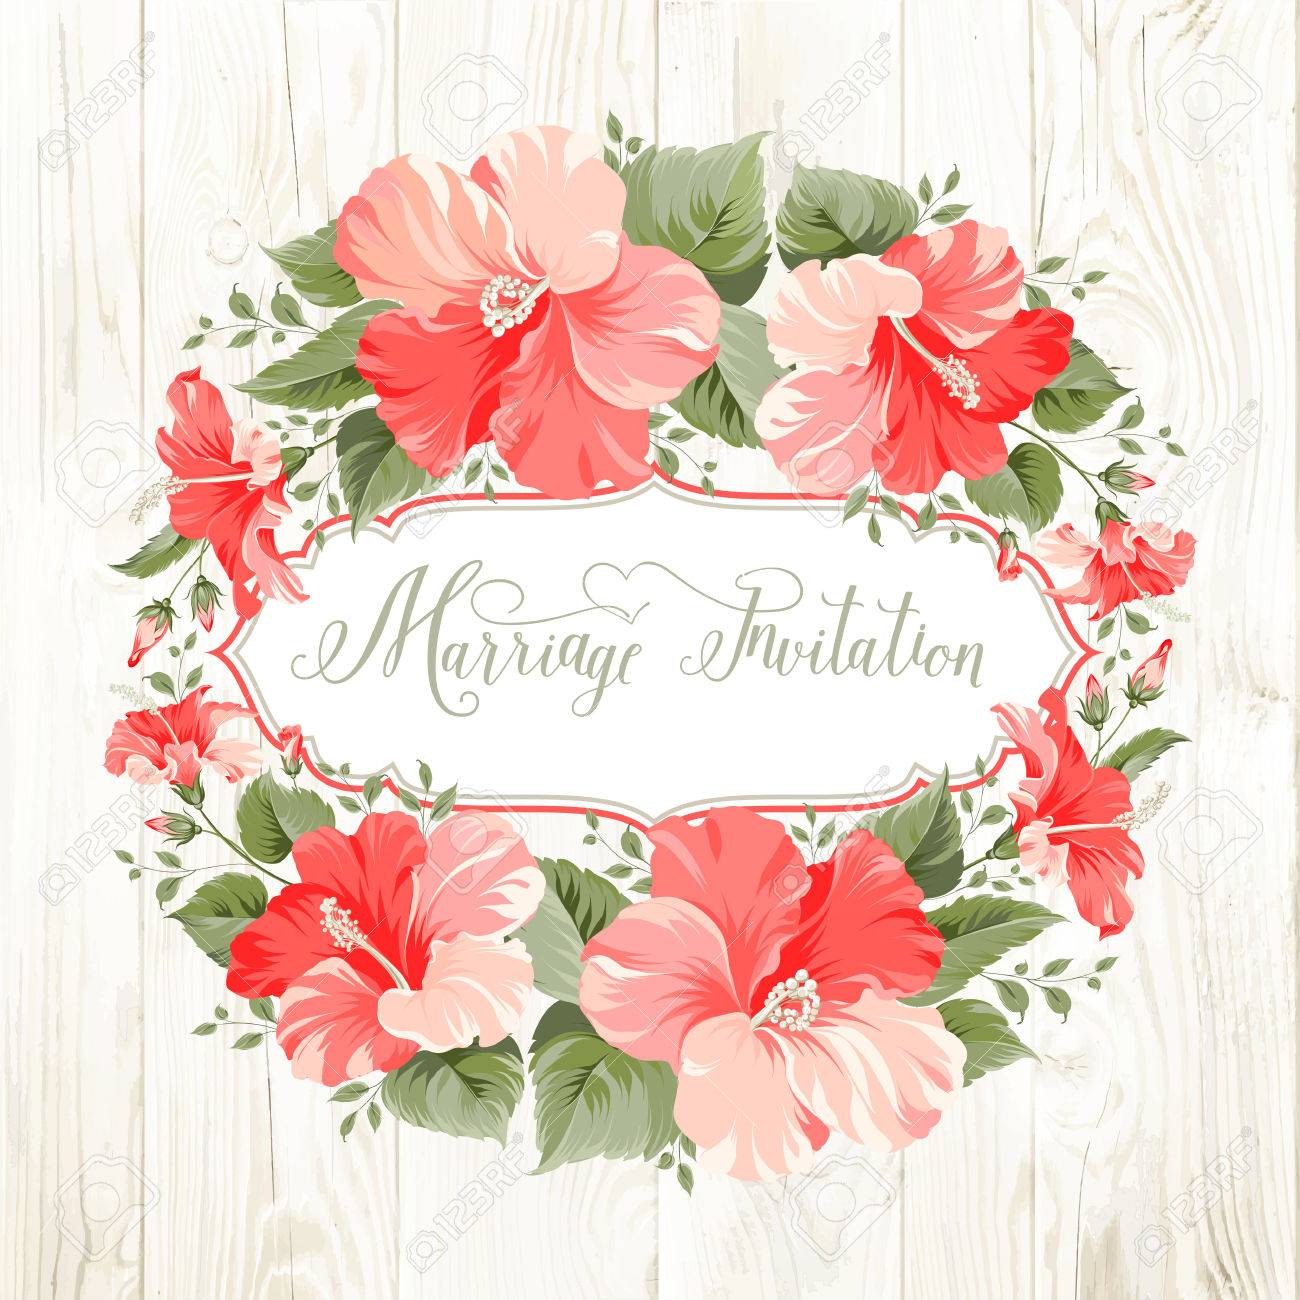 Hochzeitseinladung Für Ihre Hochzeit Oder Heirat In Hagen, Einladungskarten